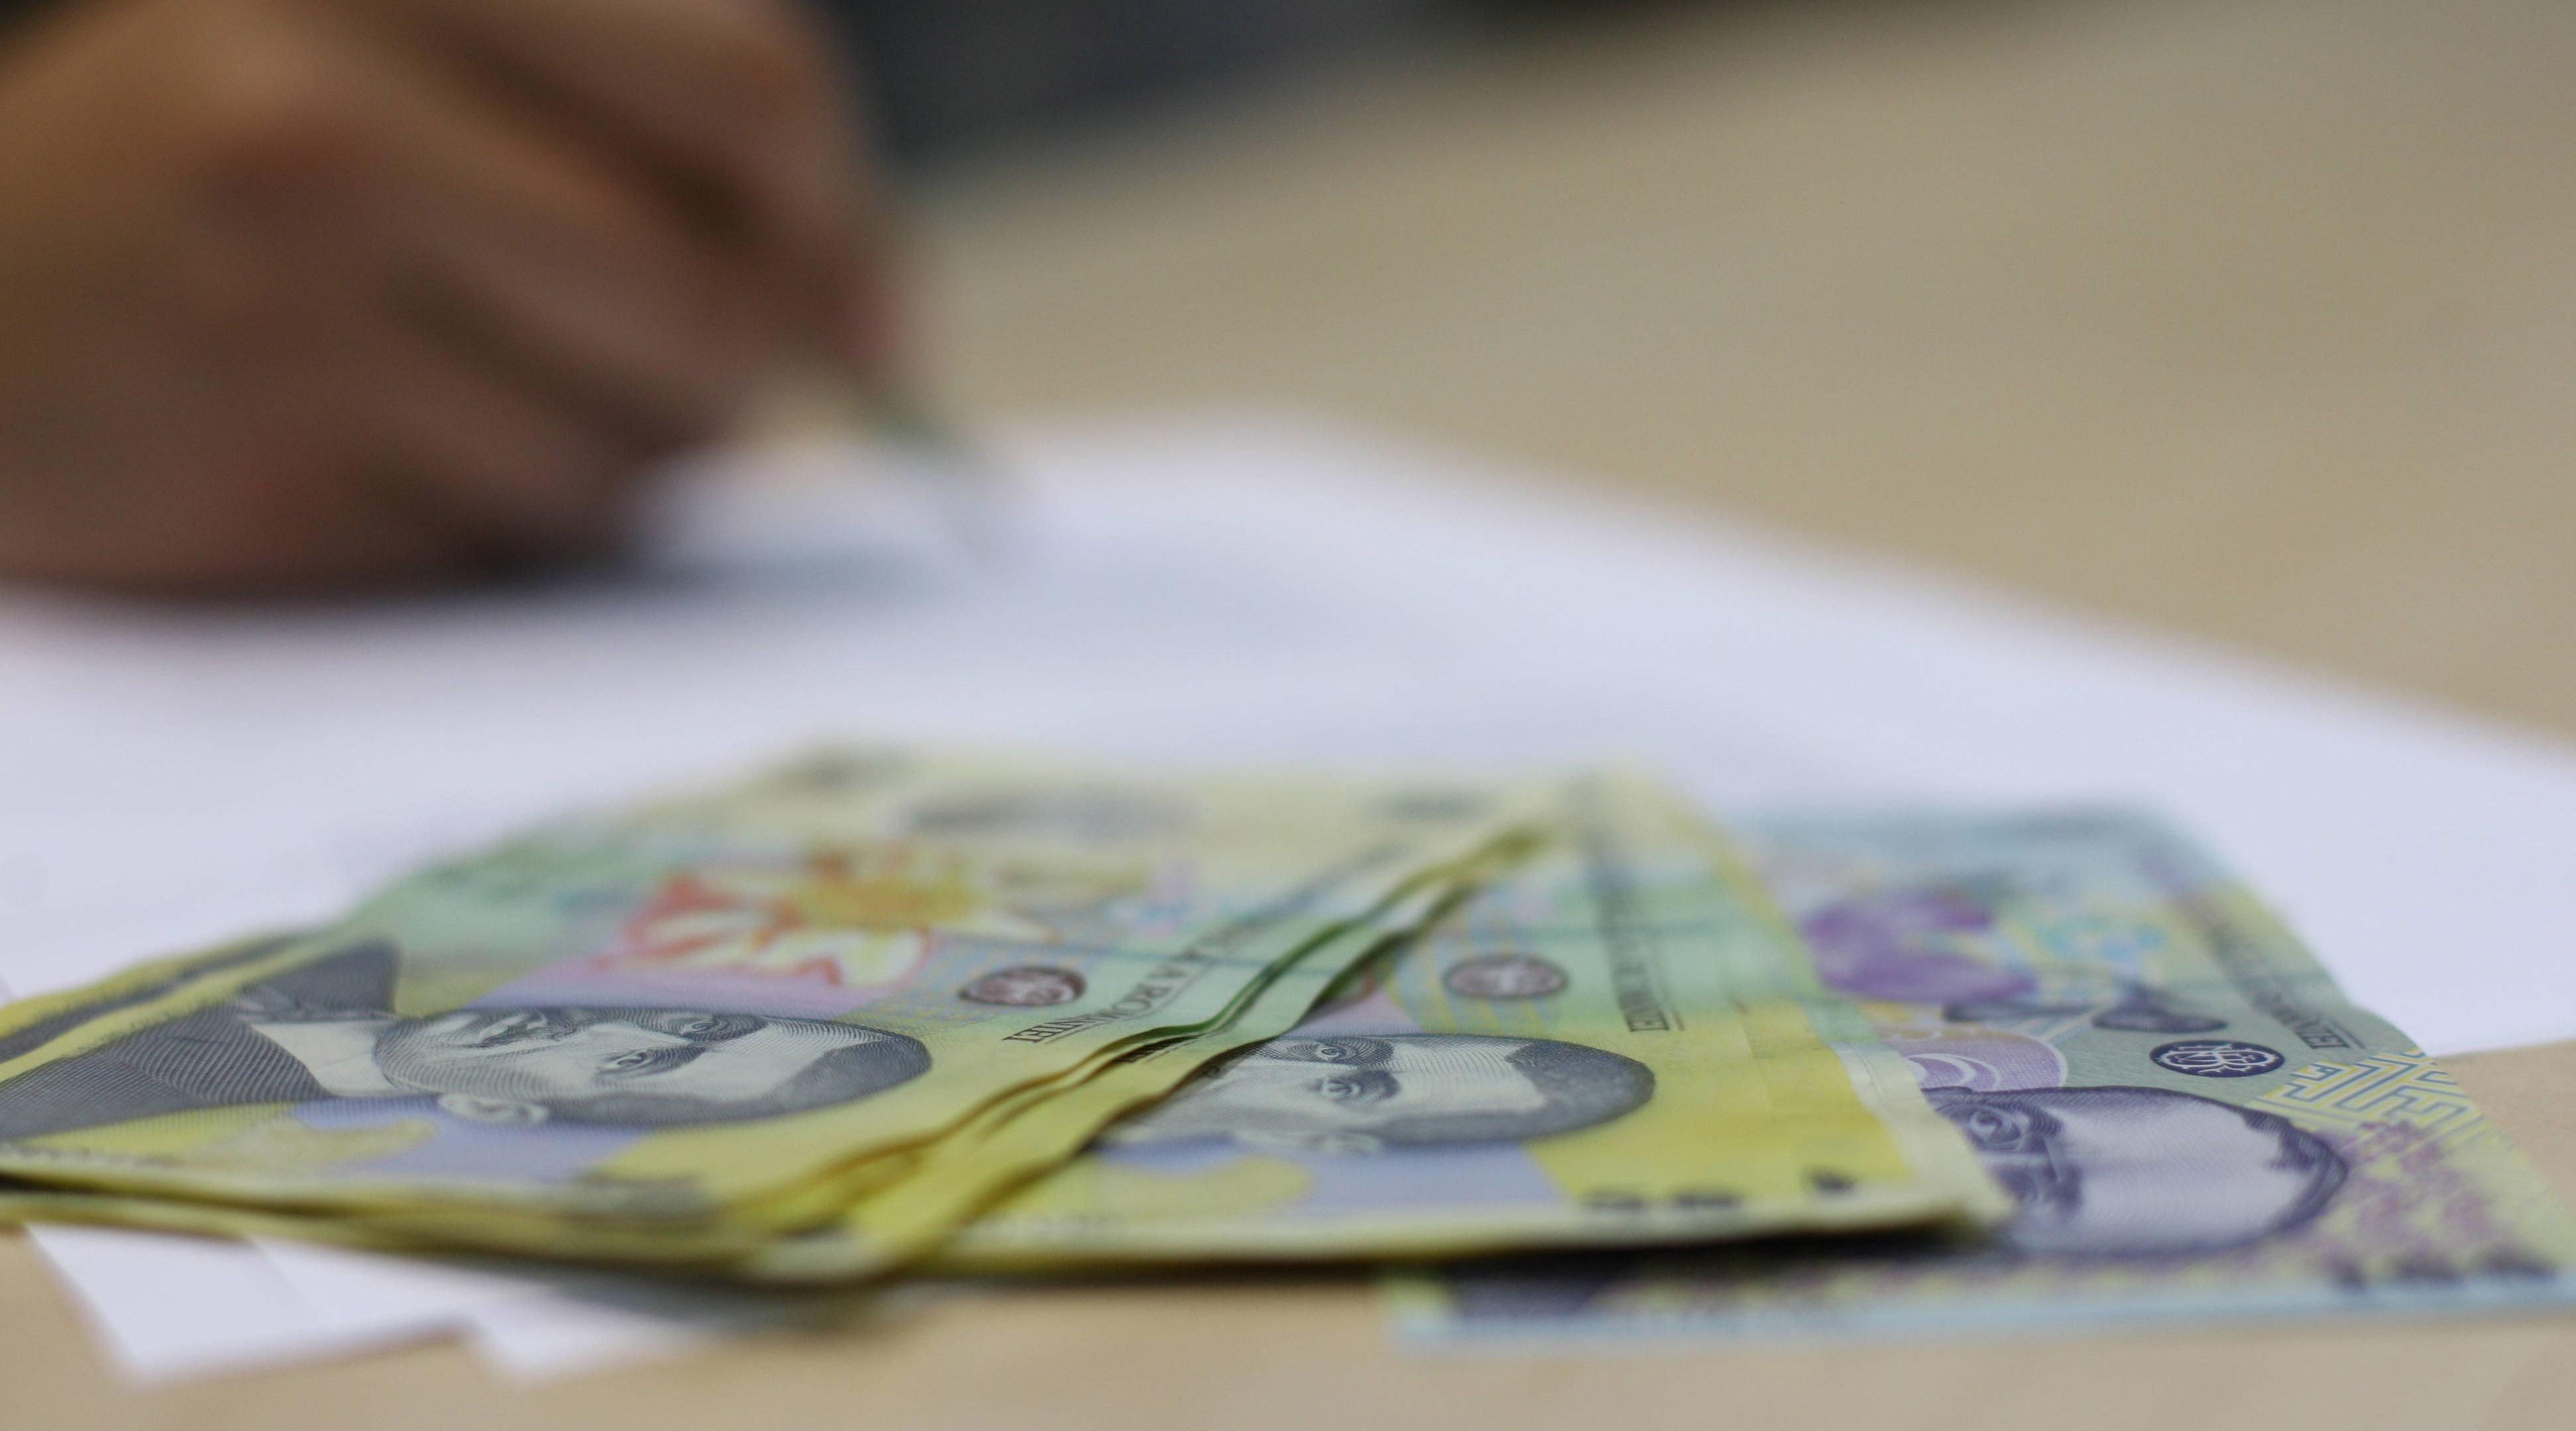 Peste 50 de societăți în faliment sau insolvență pe lista marilor datornici către bugetul local